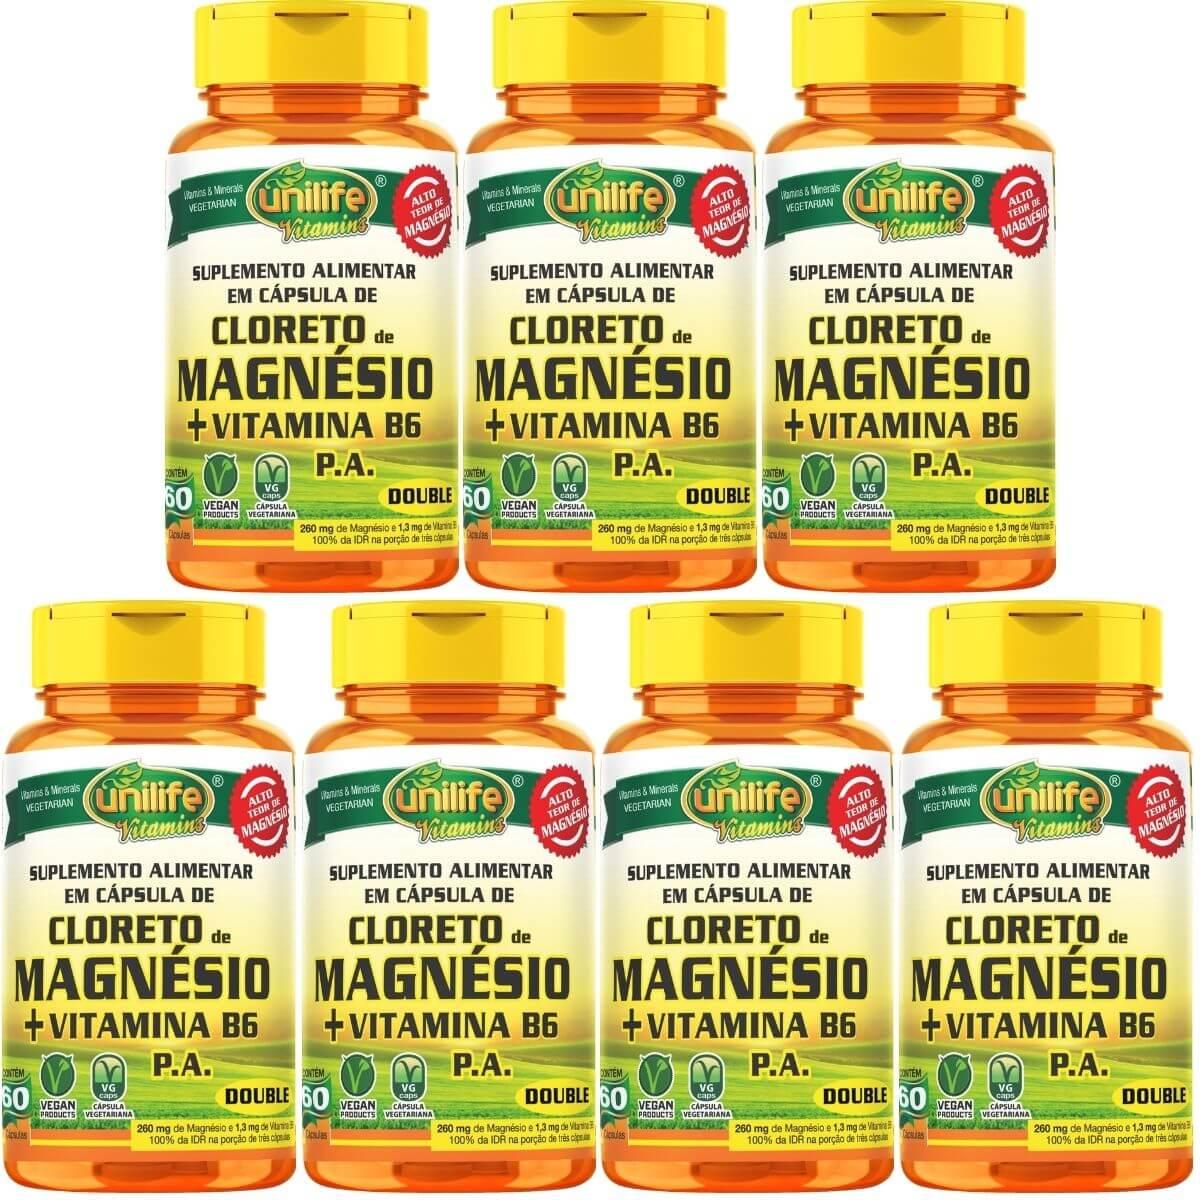 Kit 7 Cloreto De Magnésio Pa C/ Vitamina B6 800mg 60 Cápsulas - Unilife